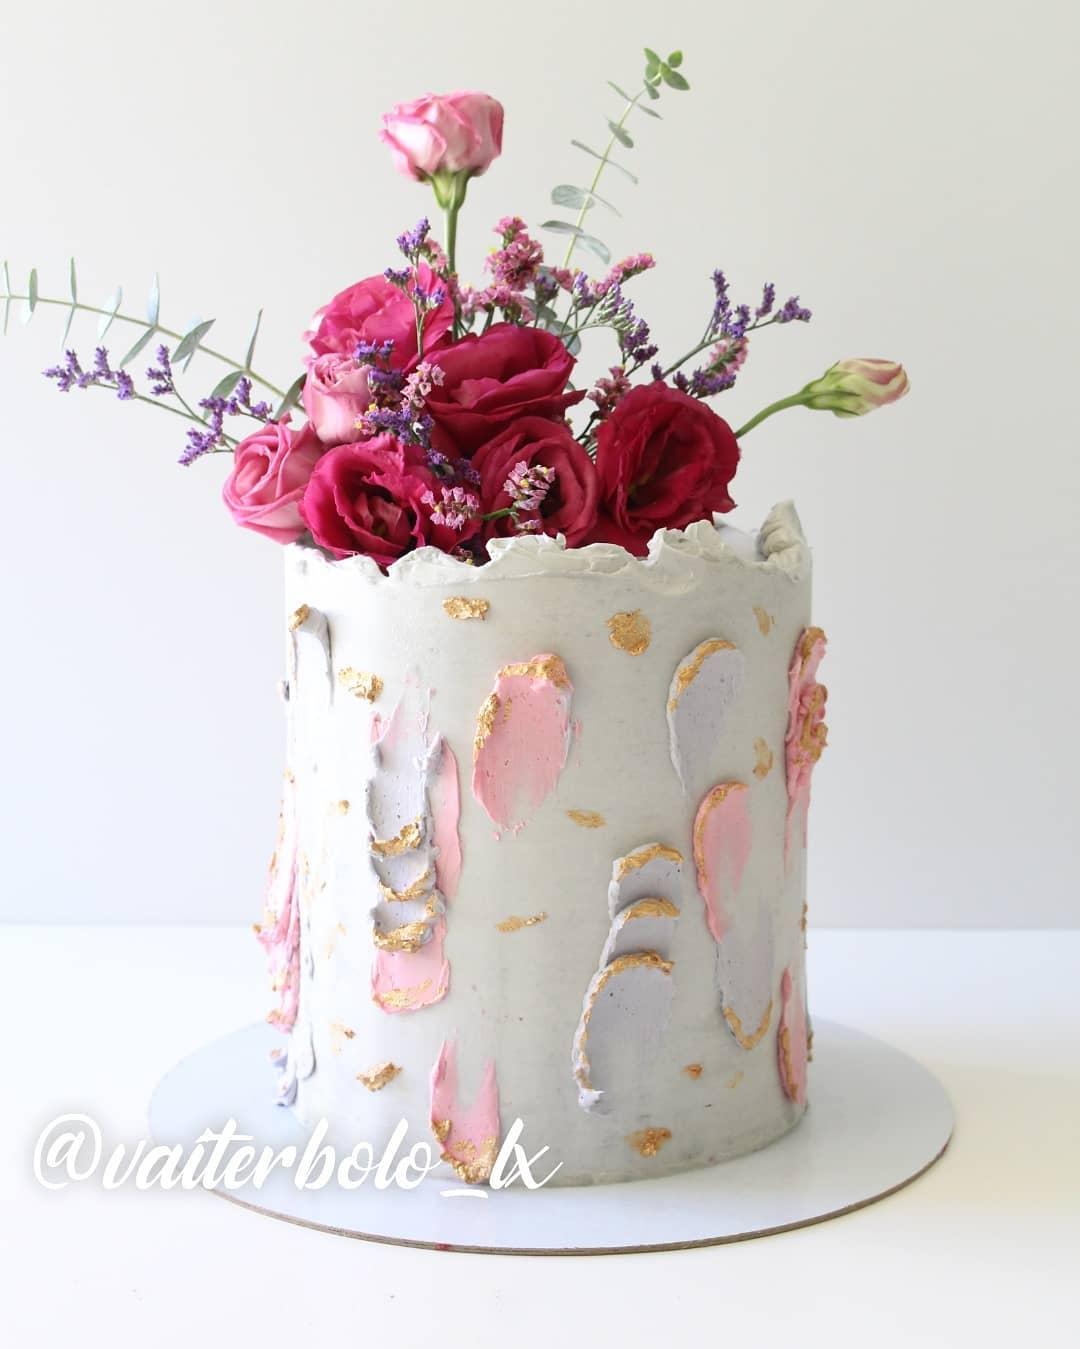 Sextou com S de SUPER MARAVILHOSO!! Eu sou suspeita para falar, porque eu sou apaixonada nos bolos que crio, mas me digam se esse bolo não está uma lindeza de único!? 🥰 Flores sempre da maravilhosa @floresnocais..#vaiterbolohoje #almada #bolodecorado #buttercreamcake #birthdaycake #vaiterbolo #vaiterbolosim #bolo #cake #lisboapontocome #cakeart #lisboafood #buttercream #cakedesign #lisboa #ilovelisboa #cakedecorating #vaiterbololindo